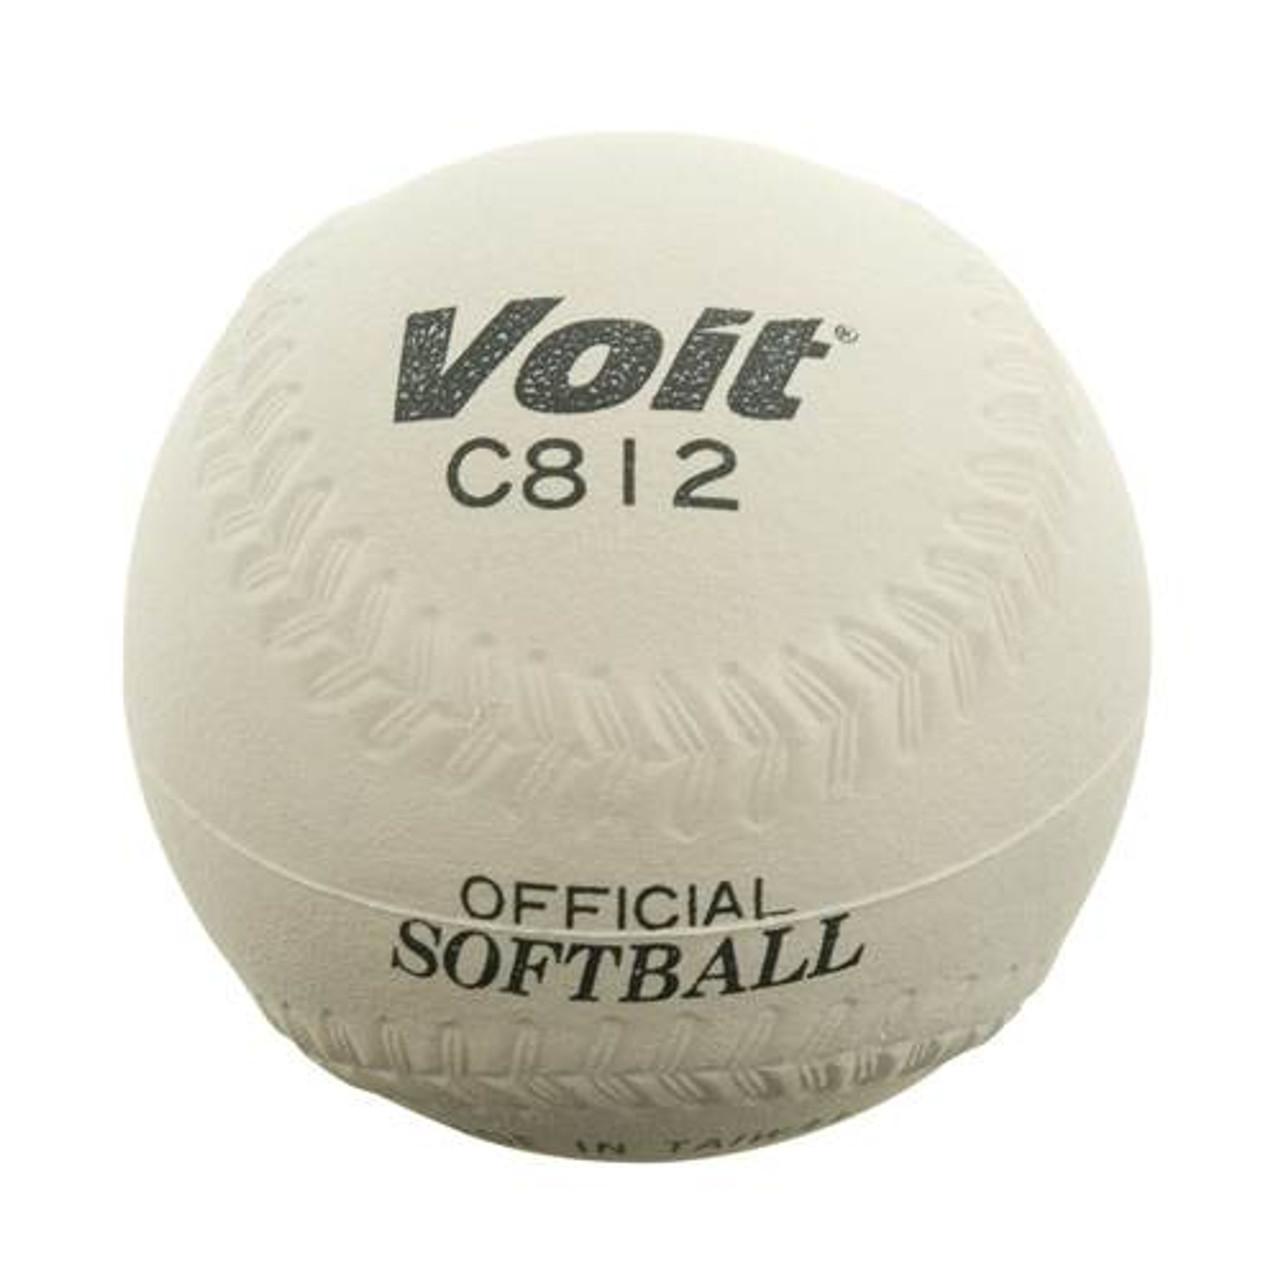 Voit® 12'' Sponge Center Softball - White